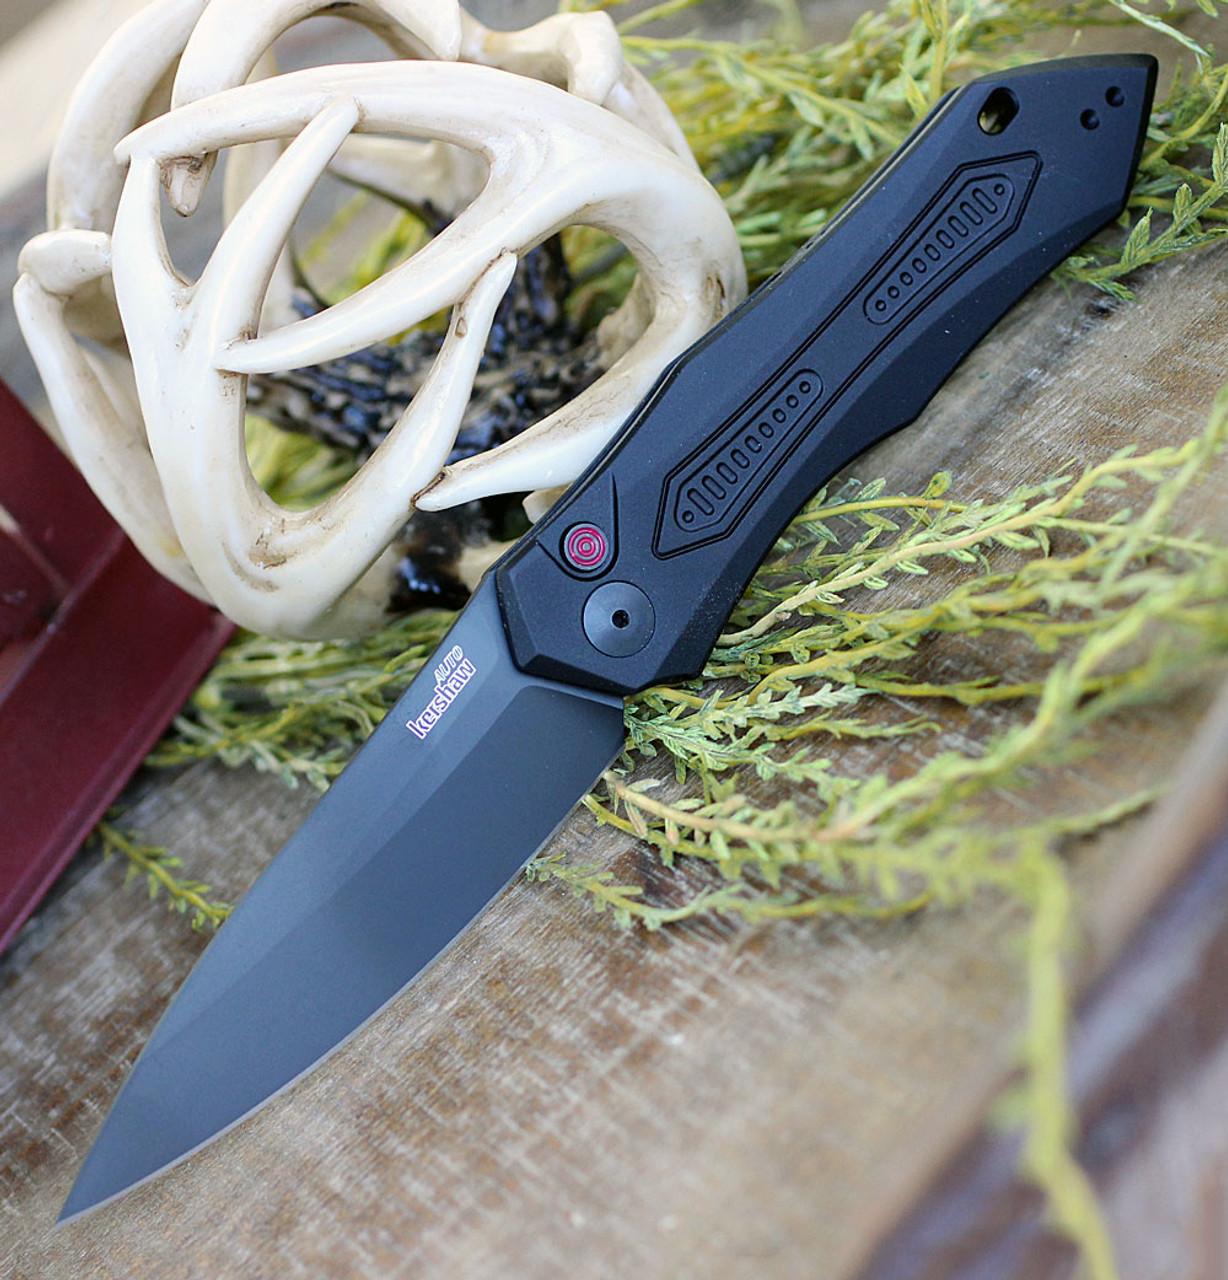 """Kershaw 7800BLK Launch #6 Auto, 3.75"""" CPM154 Plain Blade, Black Anodized Aluminum Handle"""